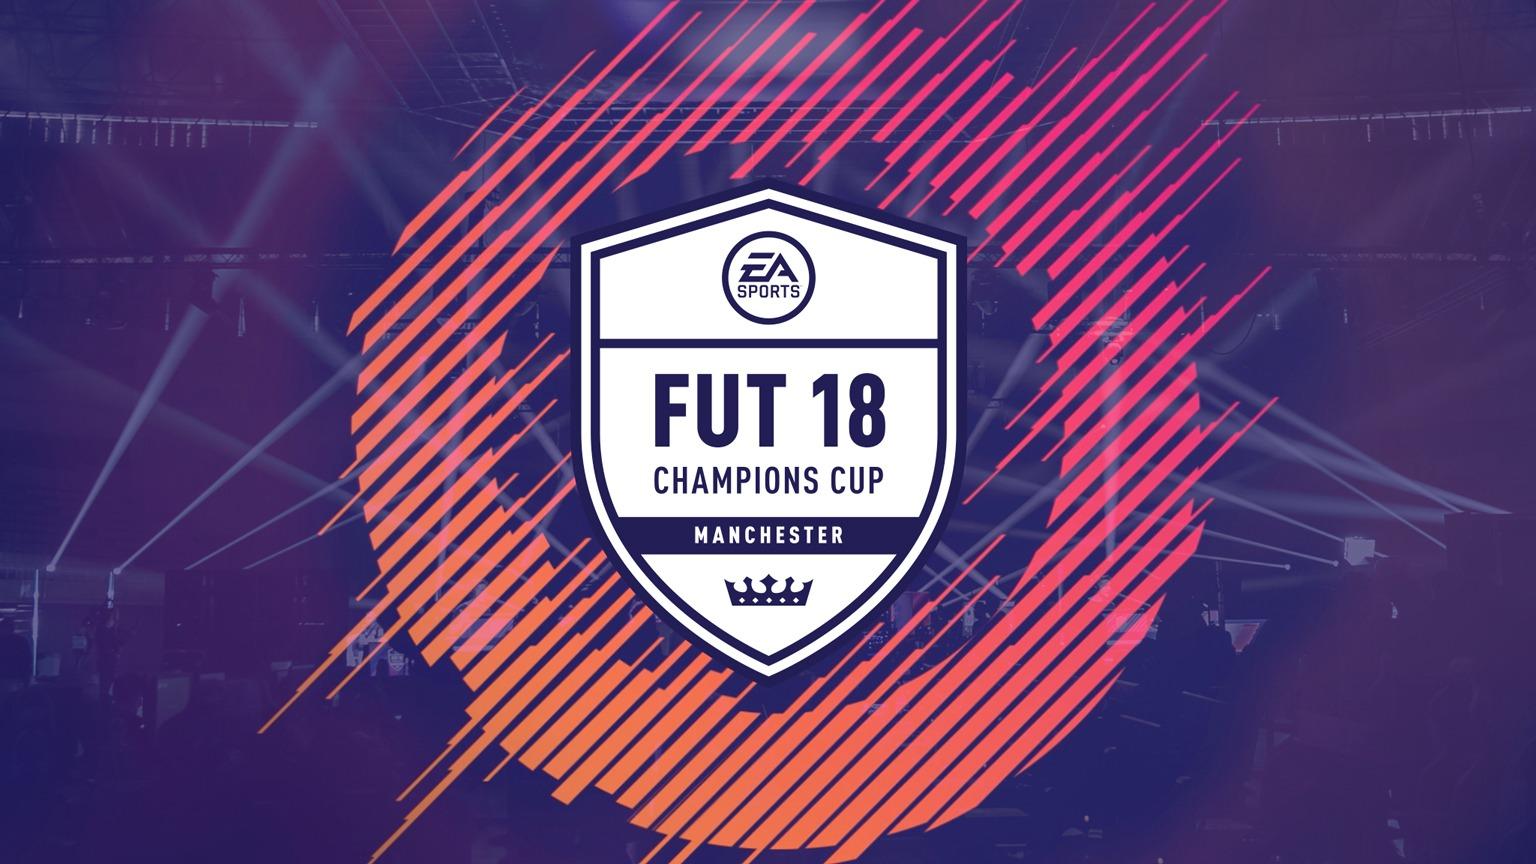 FIFA 18: Manchester FUT Cup – Preise gewinnen durchs Twitch-Schauen